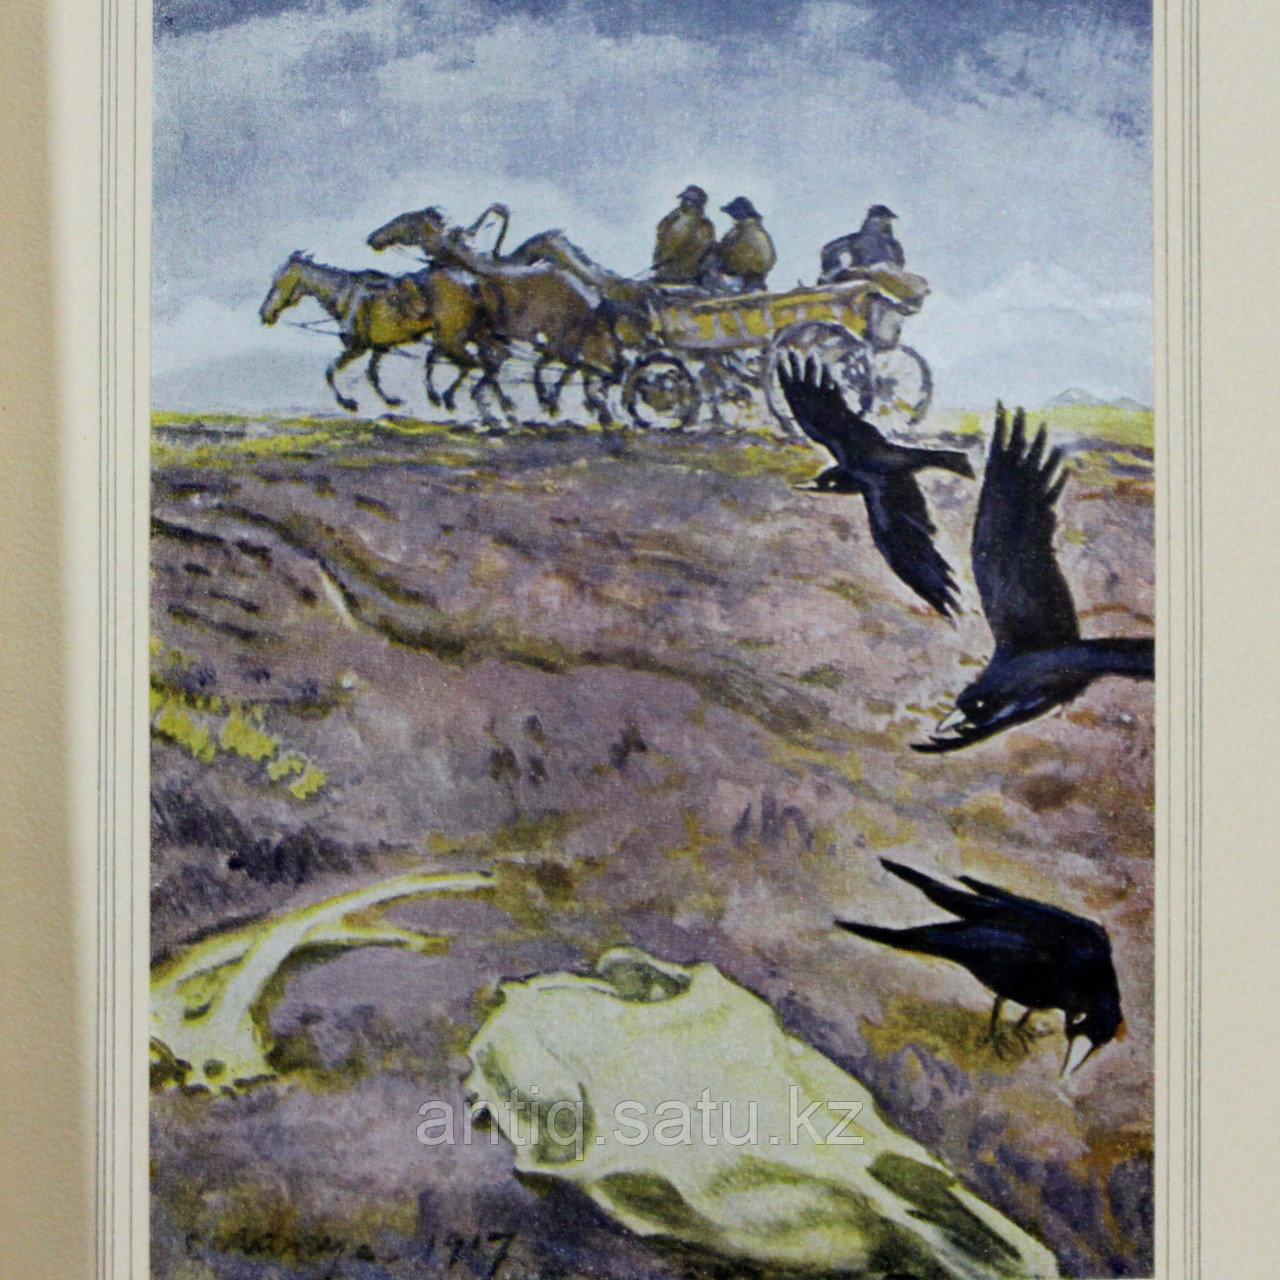 Л. Н. ТОЛСТОЙ. ПОВЕСТЬ «КАЗАКИ» Лев Николаевич Толстой (1828-1910). - фото 5